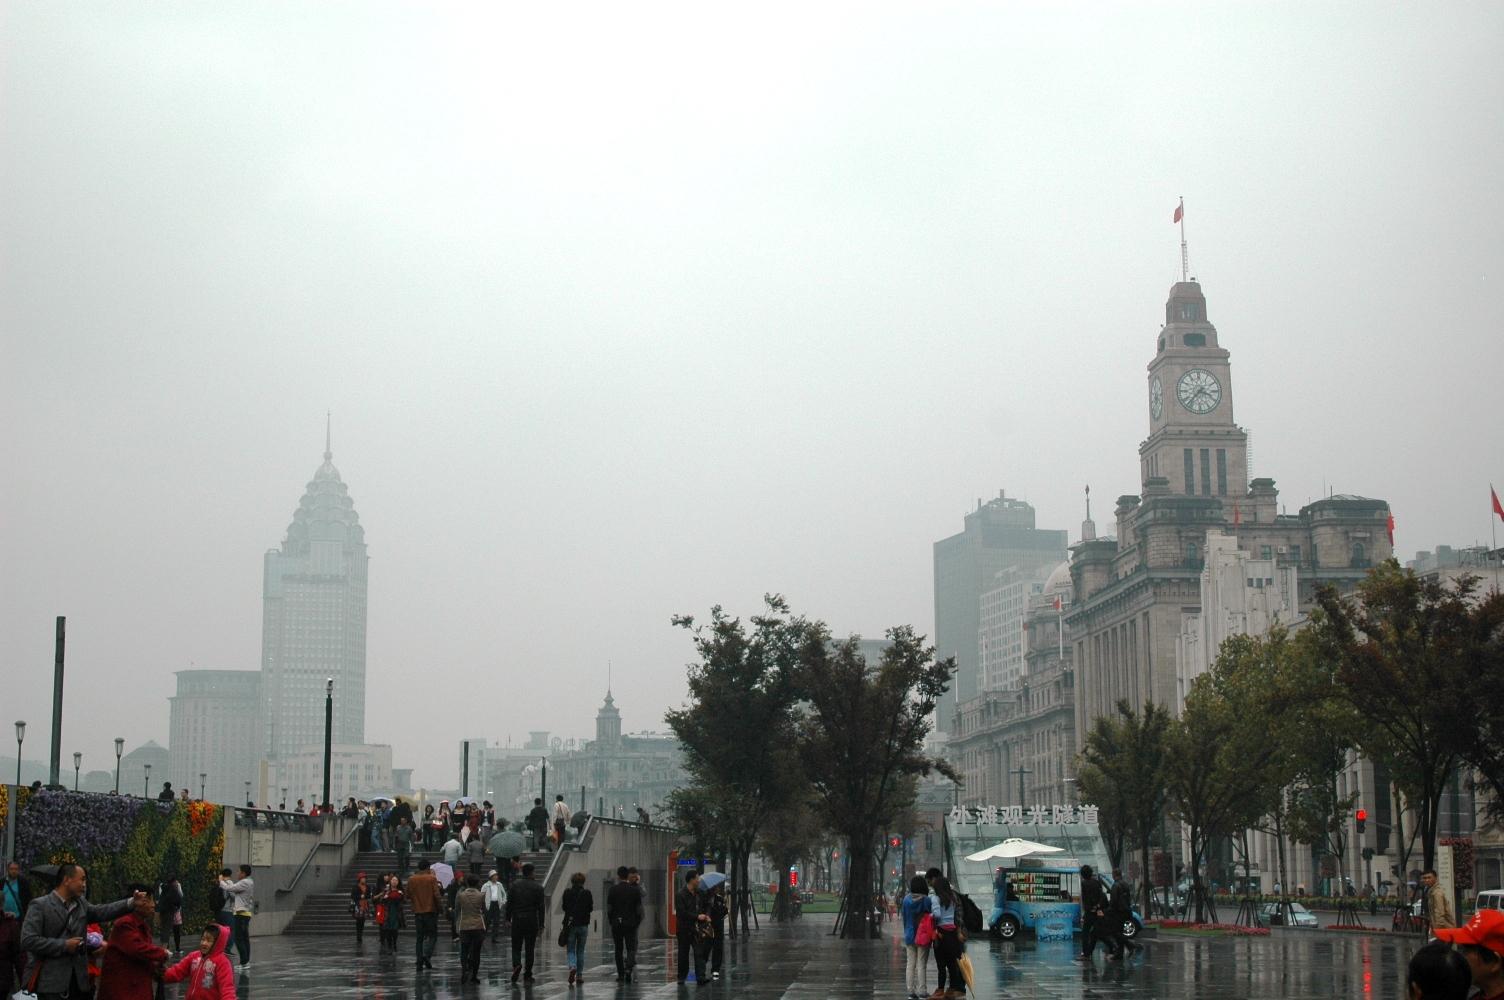 2012年10月22日: 上海外滩 黄梅雨中